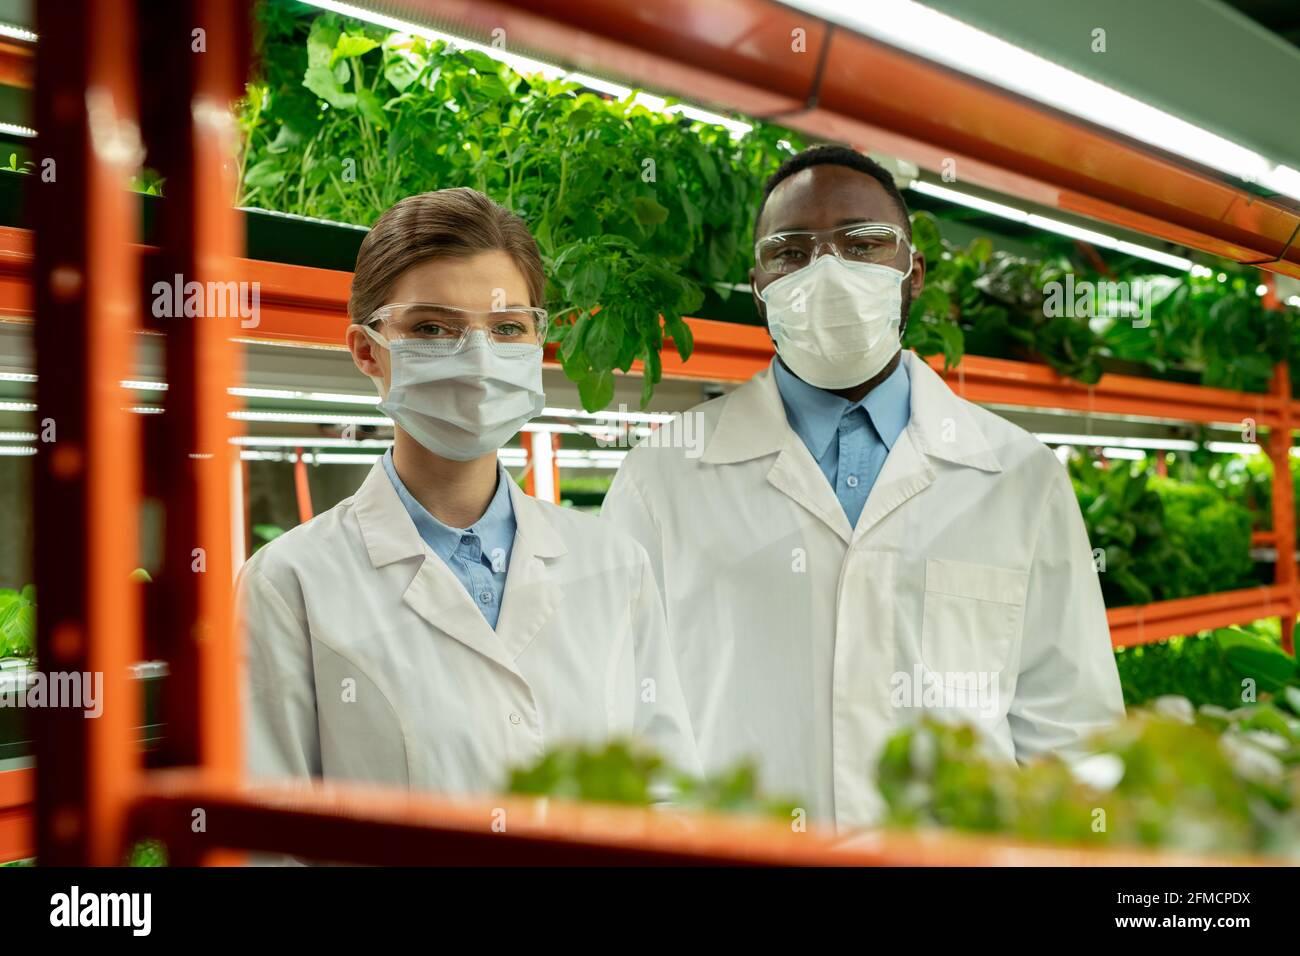 Retrato de jóvenes trabajadores de invernadero multiétnicos confiados en máscaras y. abrigos blancos que se levantan contra el estante con varios tipos de lechuga Foto de stock